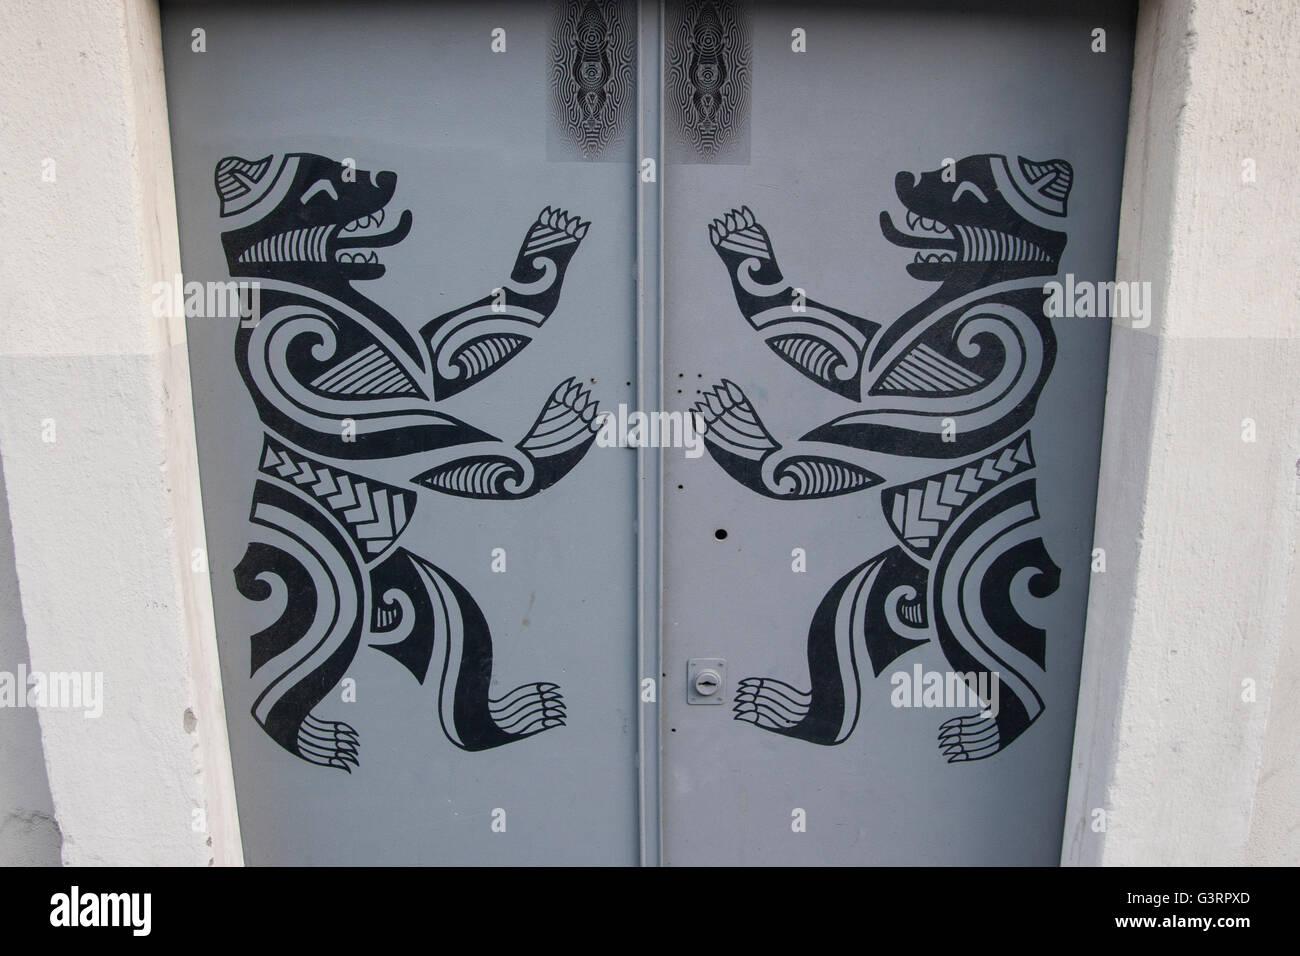 Door Tattoo Studio Berlin Germany Stock Photo   Alamy